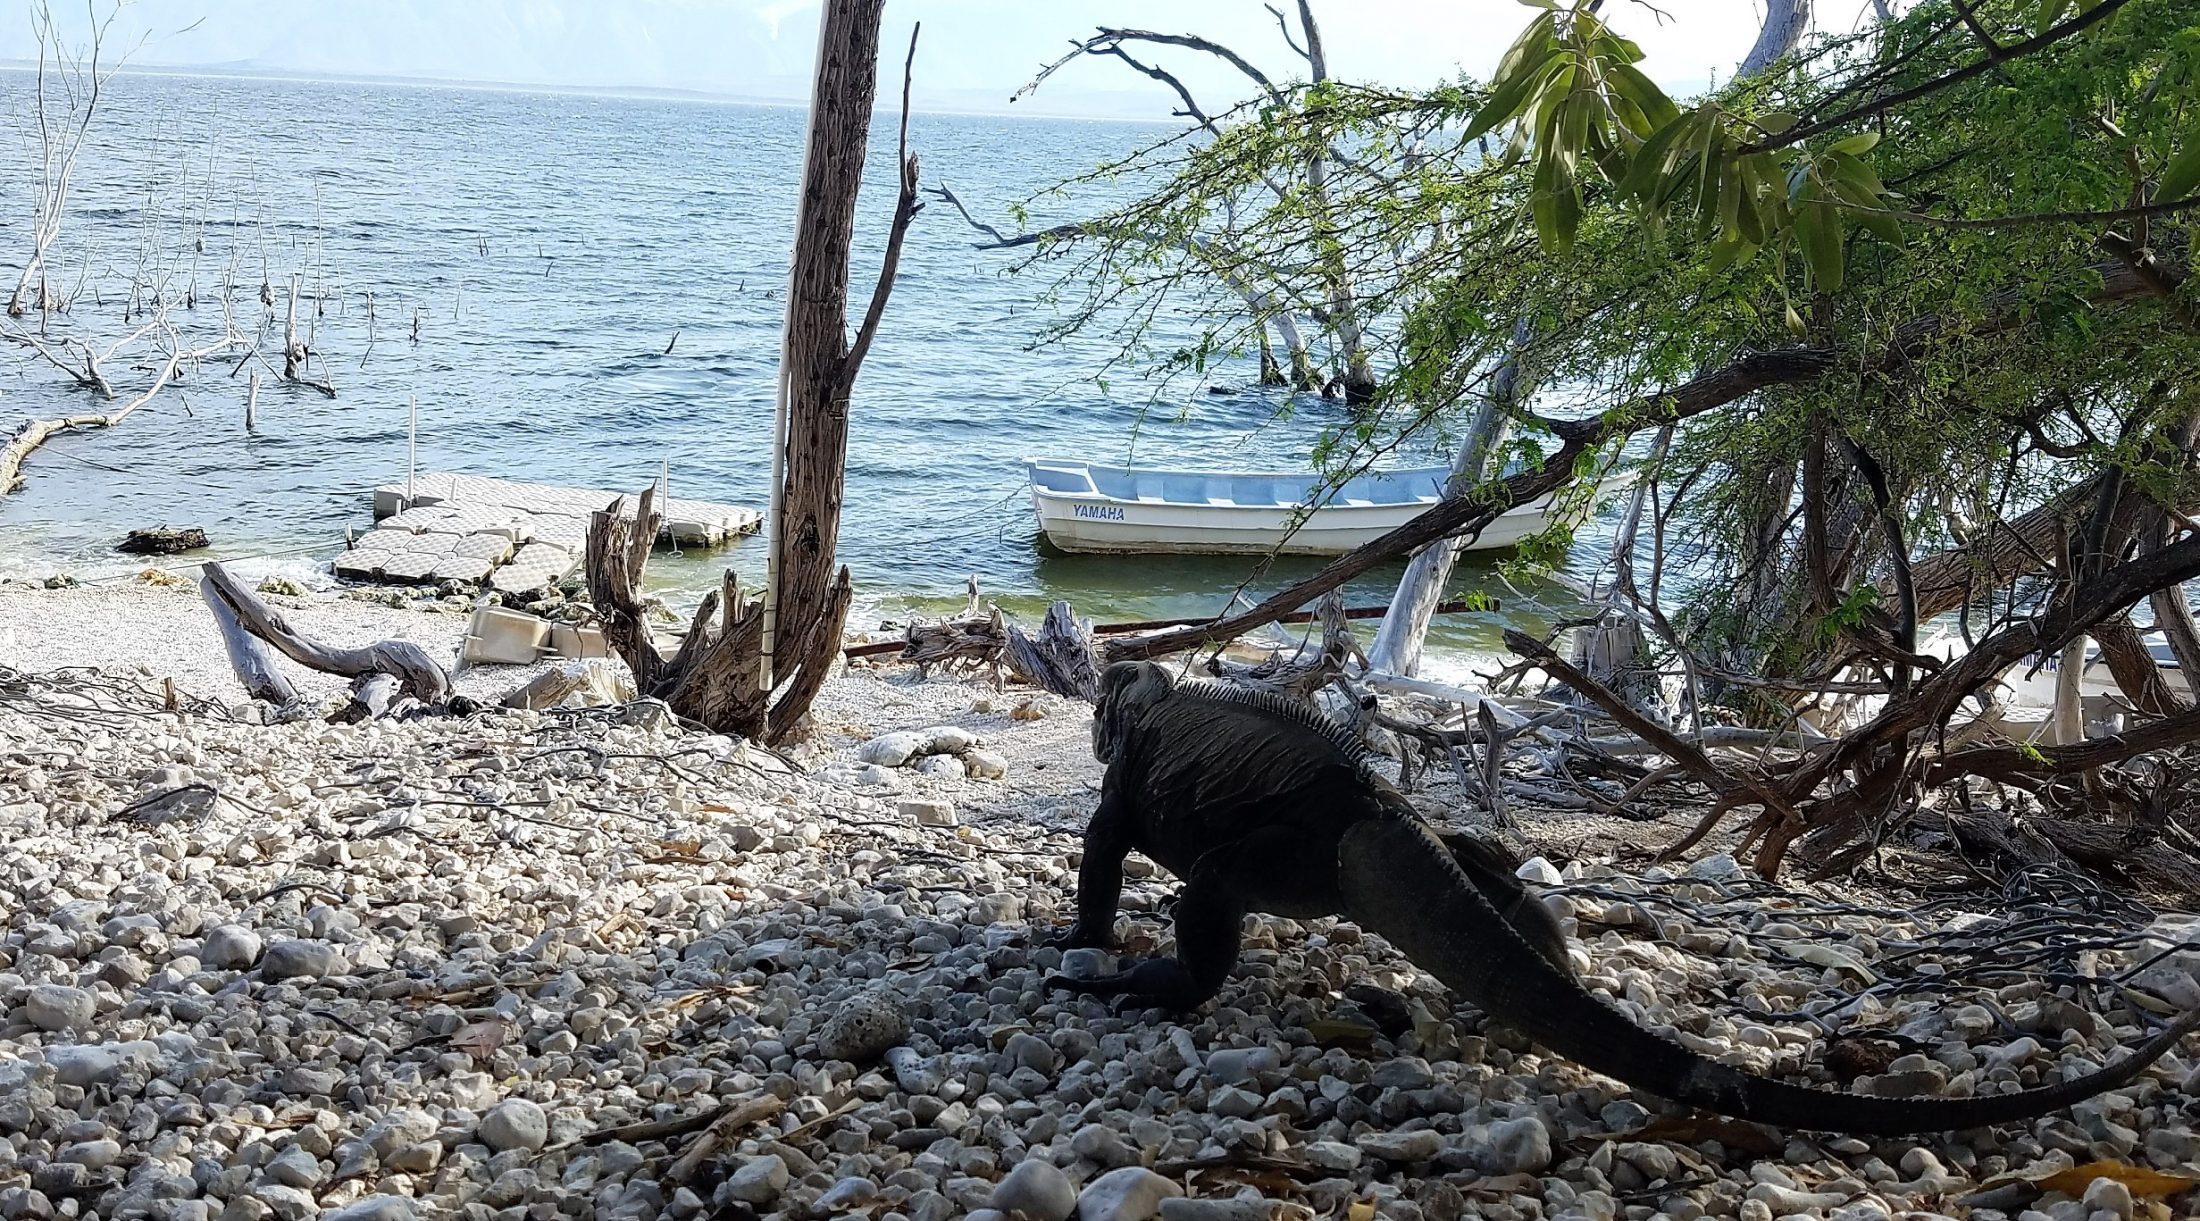 Las iguanas y otras especies de la República Dominicana están en peligro de extinción. Imagen del Lago Enriquillo en Bahoruco. Foto JR Torres